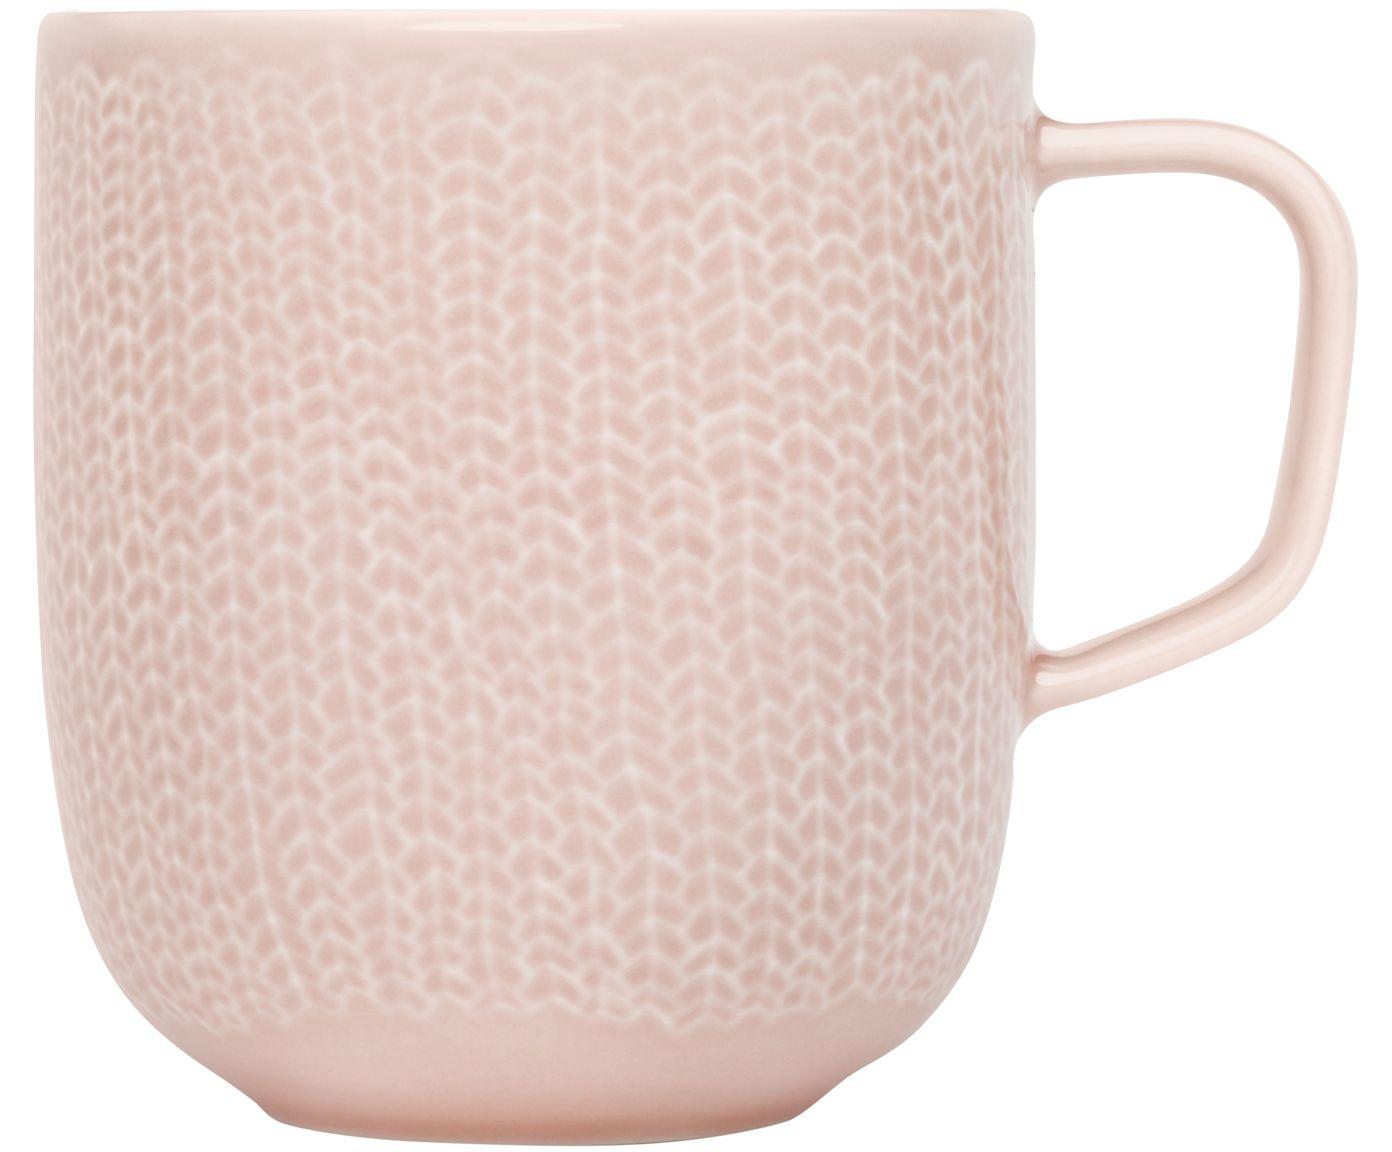 Cheers Stossen Sie An Mit Der Altrosa Tasse Sarjaton Aus Porzellan Bestellen Sie Ausgefallene Glaser Von Iittala Jetzt Auf West Becher Schone Tassen Tassen